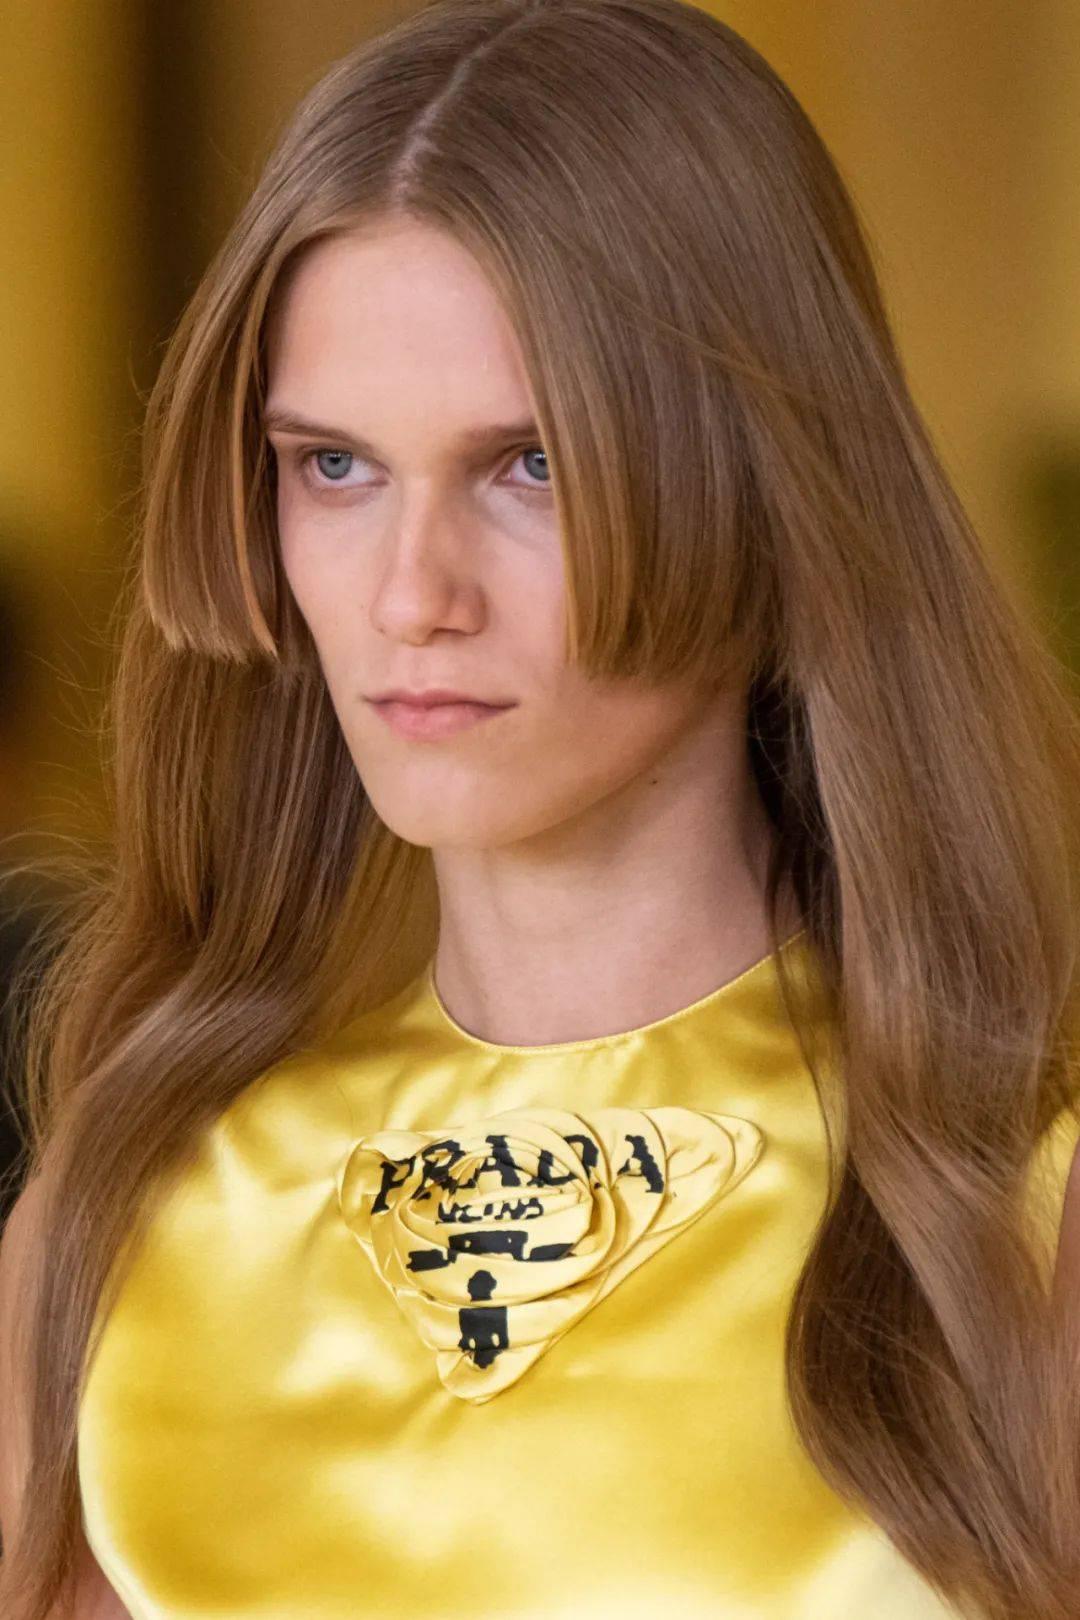 刷完2021春夏秀场,我找到了我的新发型!